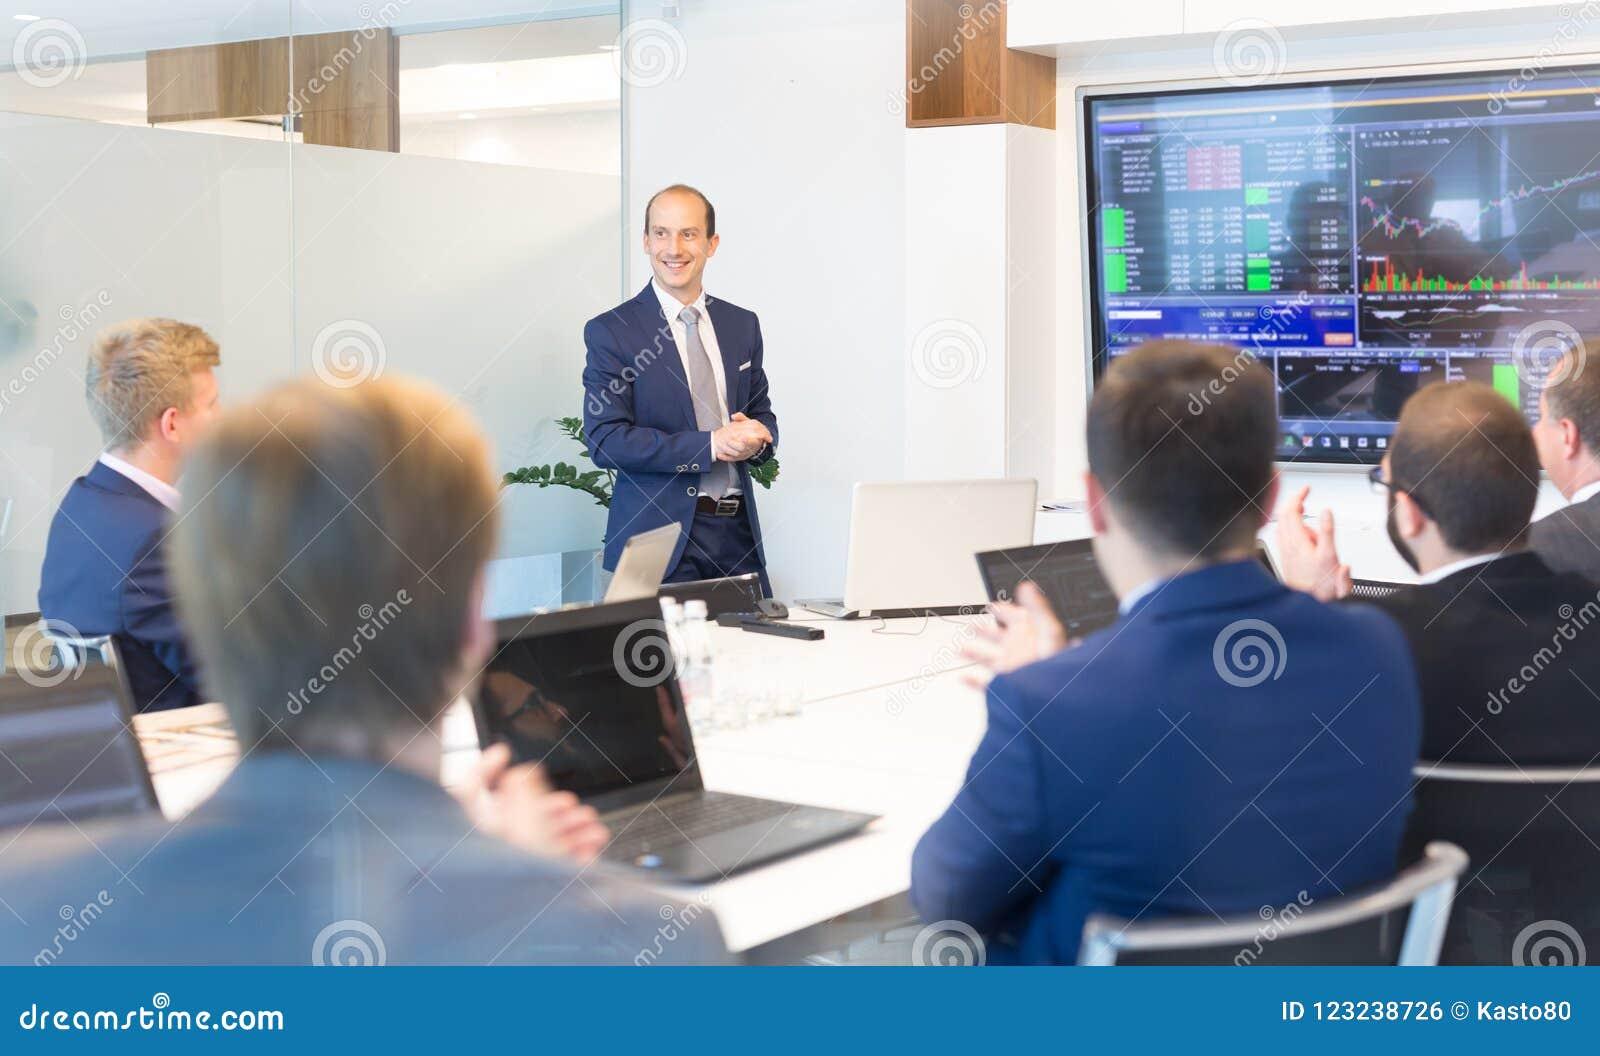 Presentazione di affari sulla riunione corporativa Concetto di affari corporativi